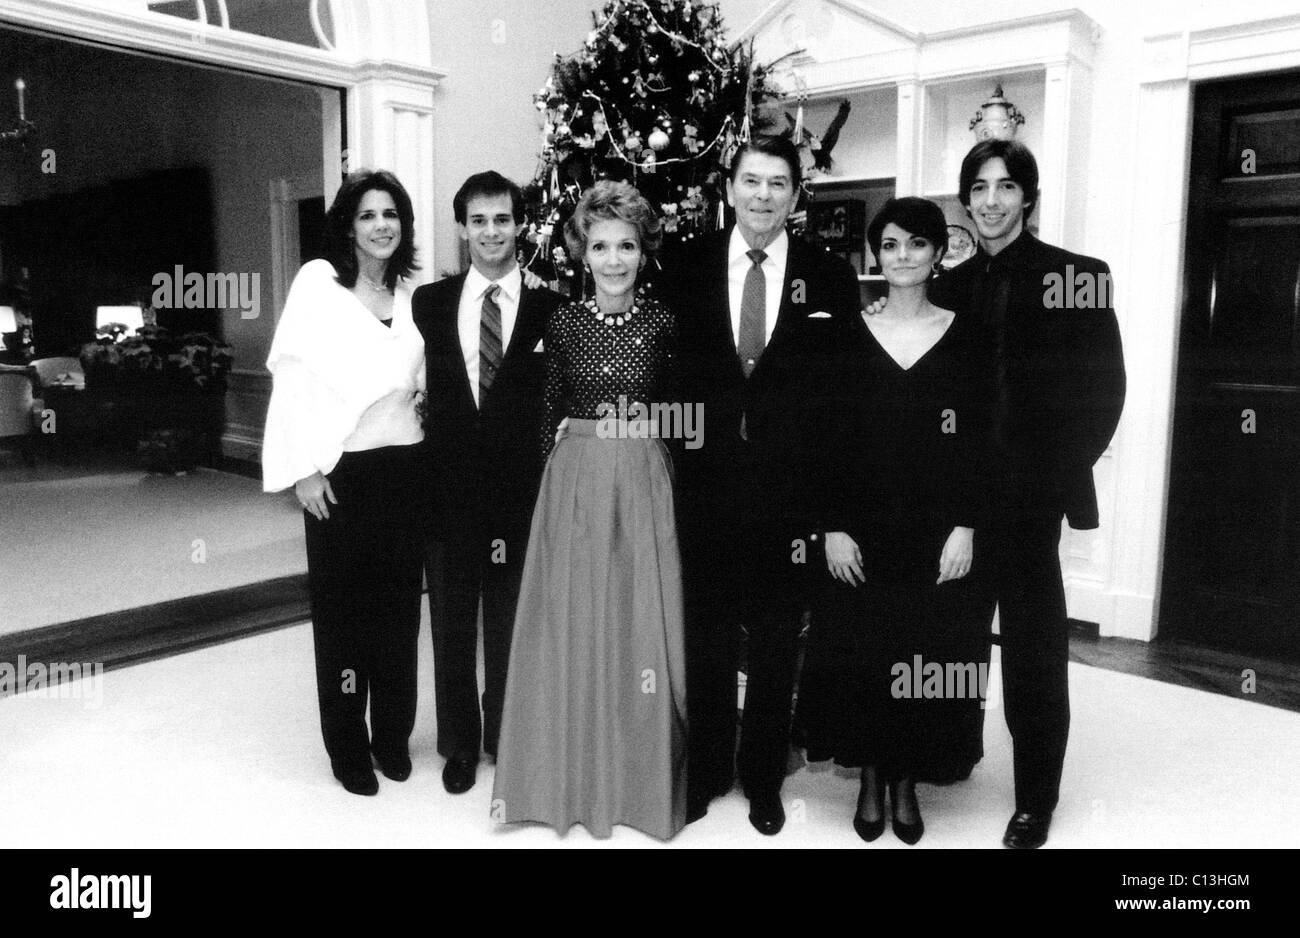 1980/'s White House Photo of President Ronald Reagan